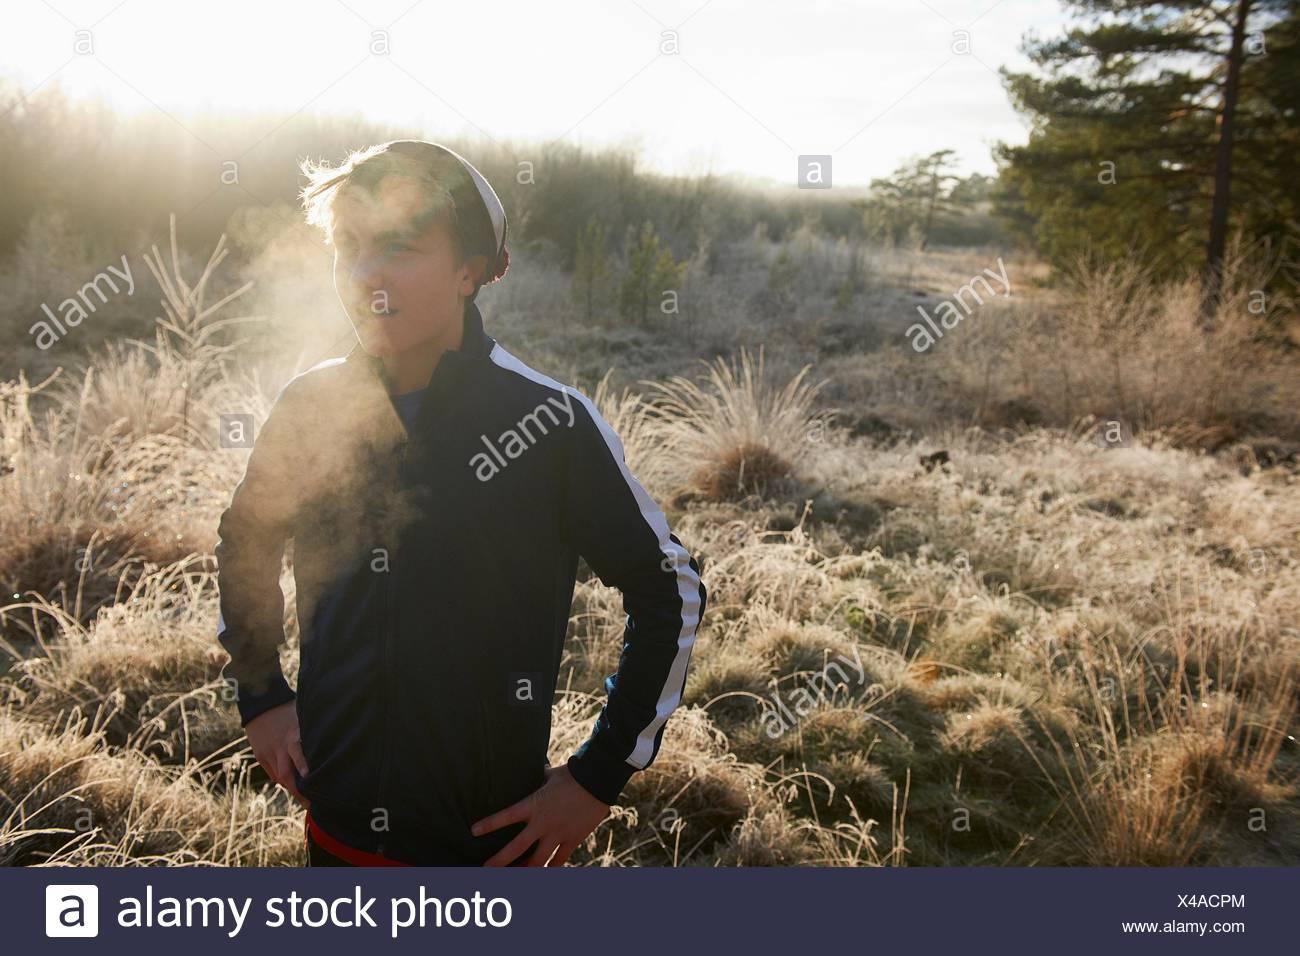 Teenage boy sur prairie givrée visible, souffle, les mains sur les hanches à l'écart Photo Stock